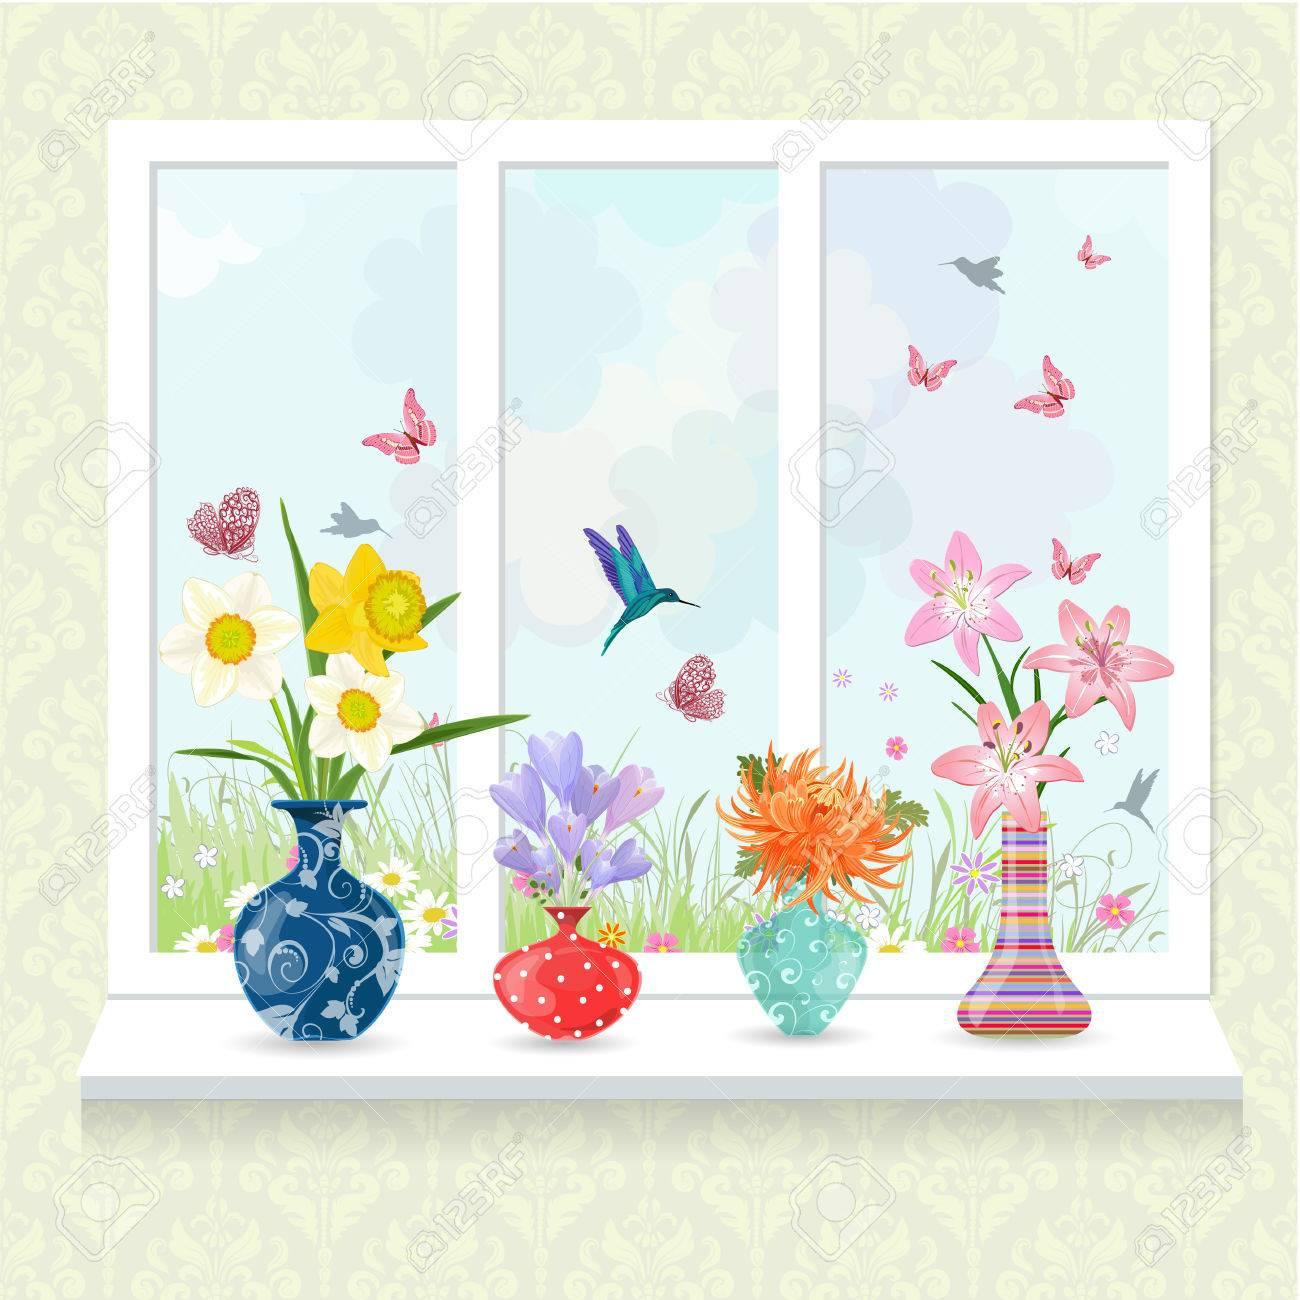 Romantische Sammlung Moderner Glasvasen Mit Blumen Auf Fensterbrett Für Ihr  Design Standard Bild   58923161